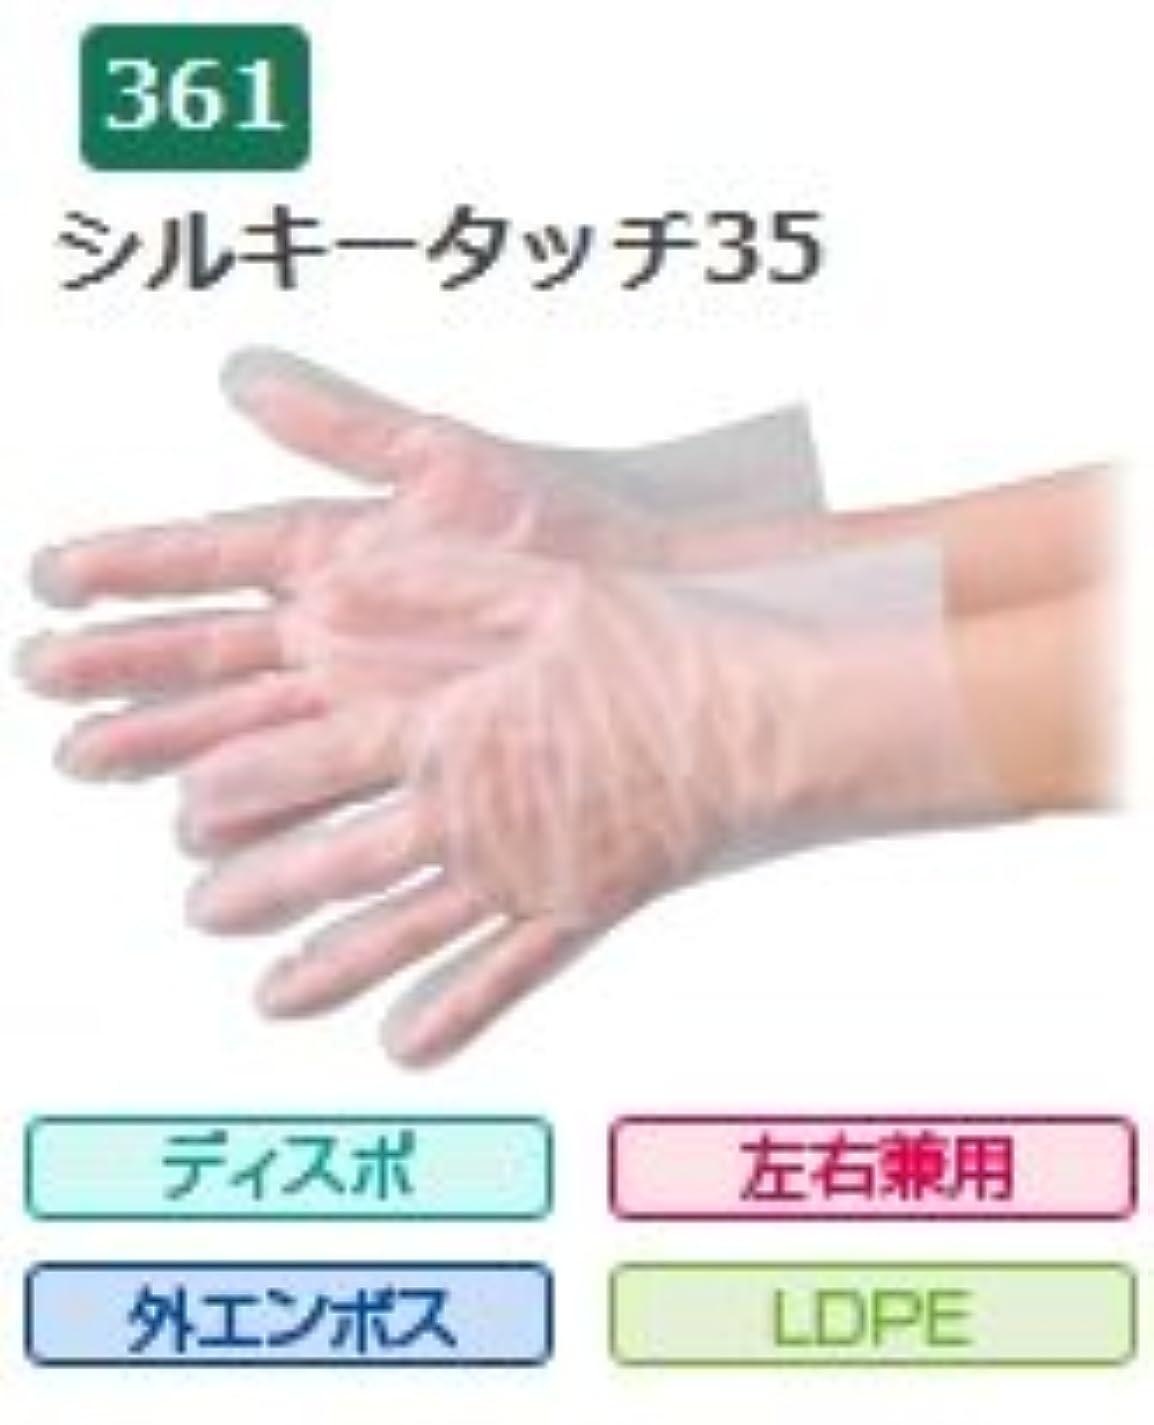 舗装するウィザード奇跡的なエブノ ポリエチレン手袋 No.361 LL 半透明 (100枚×50箱) シルキータッチ35 箱入